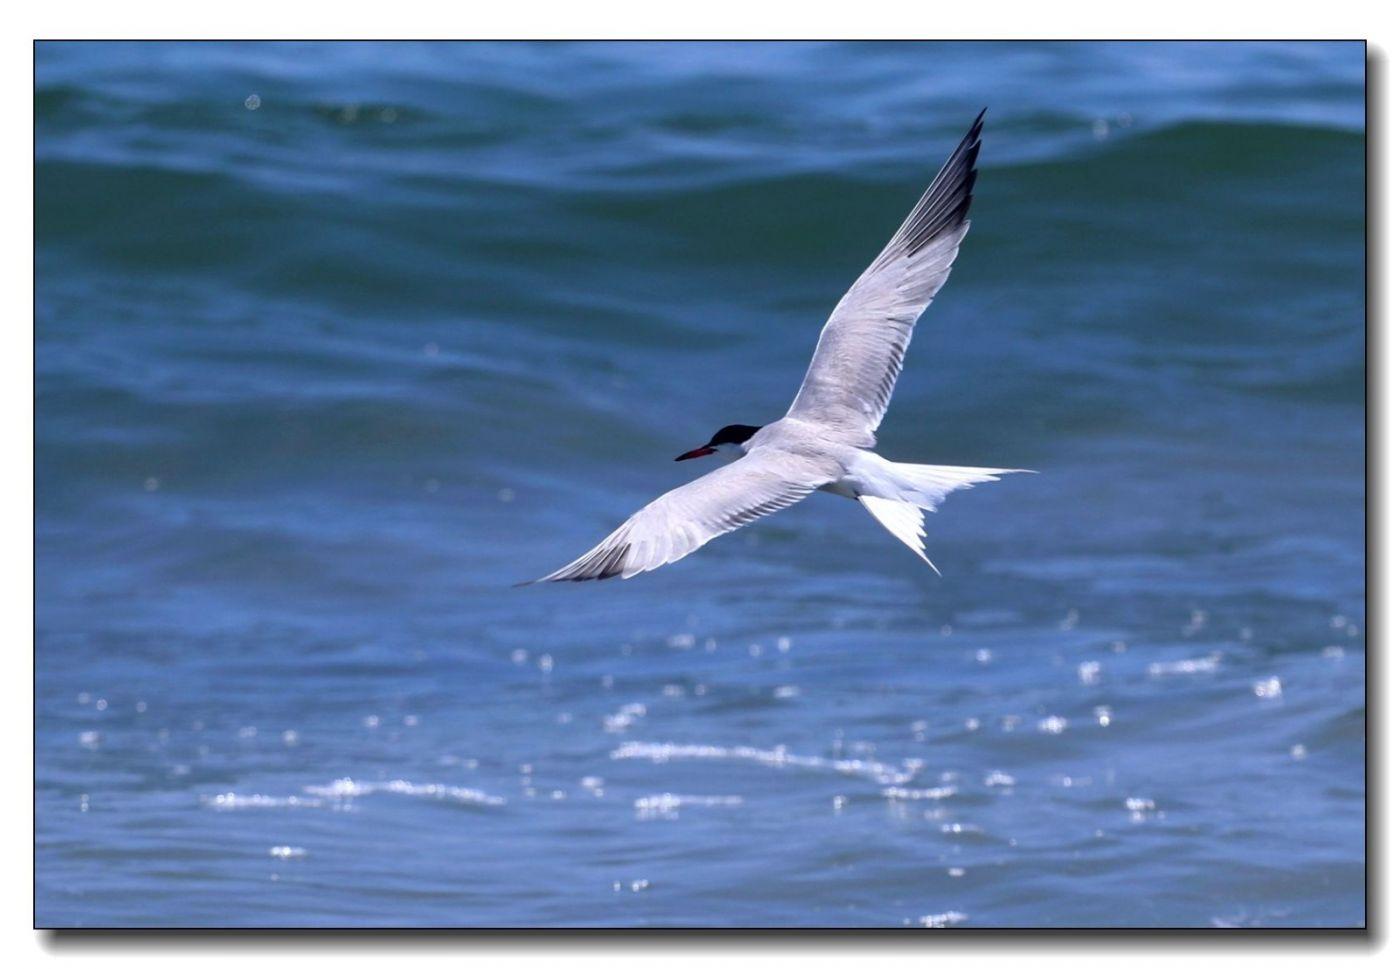 洛克威海滩拍鸟-燕鸥_图1-4